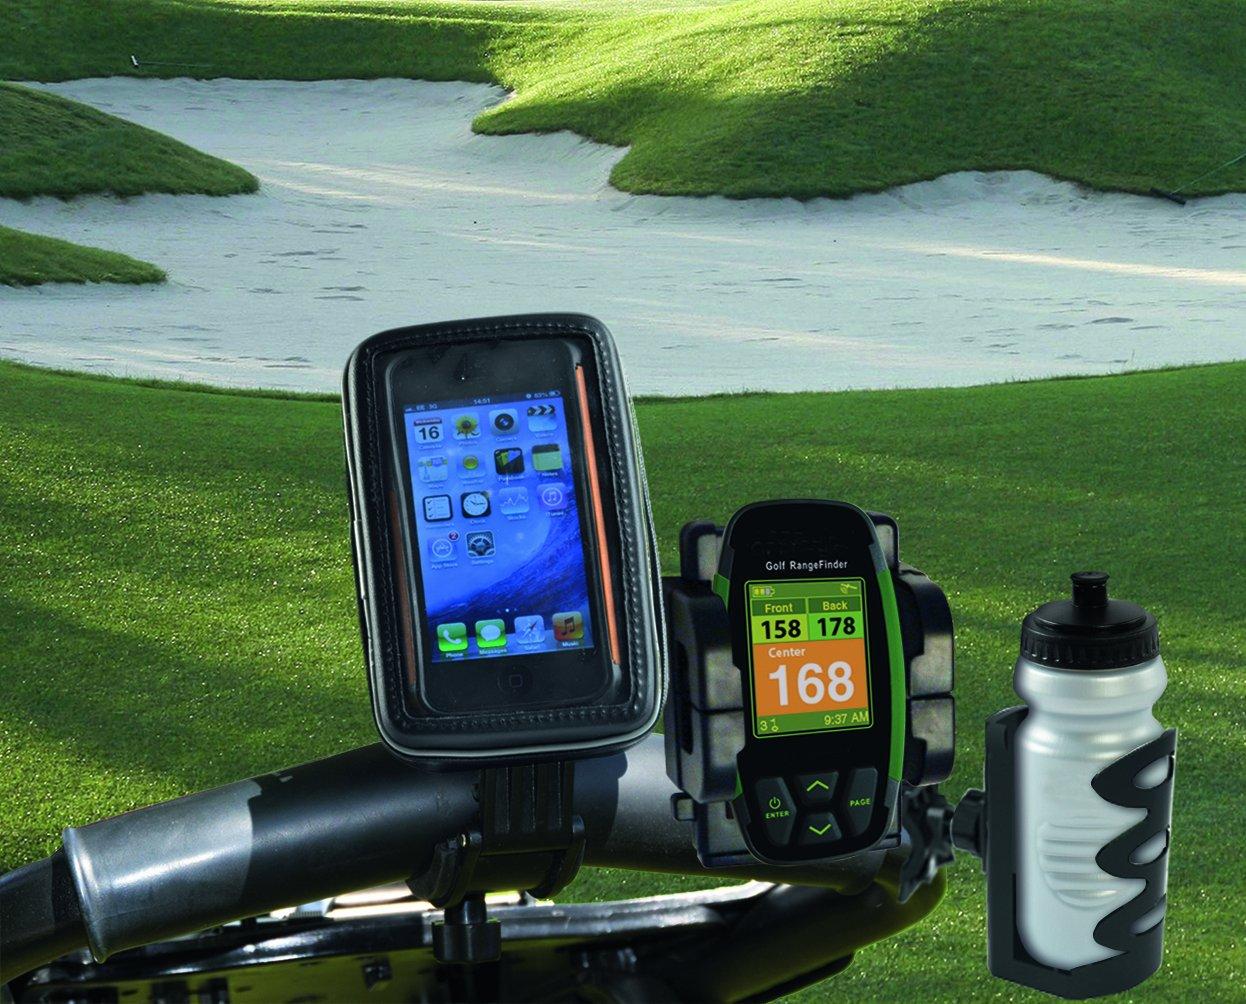 Eze Kaddy Soporte de manillar de bicicleta para GPS incluye soporte para bebida y funda protectora color negro